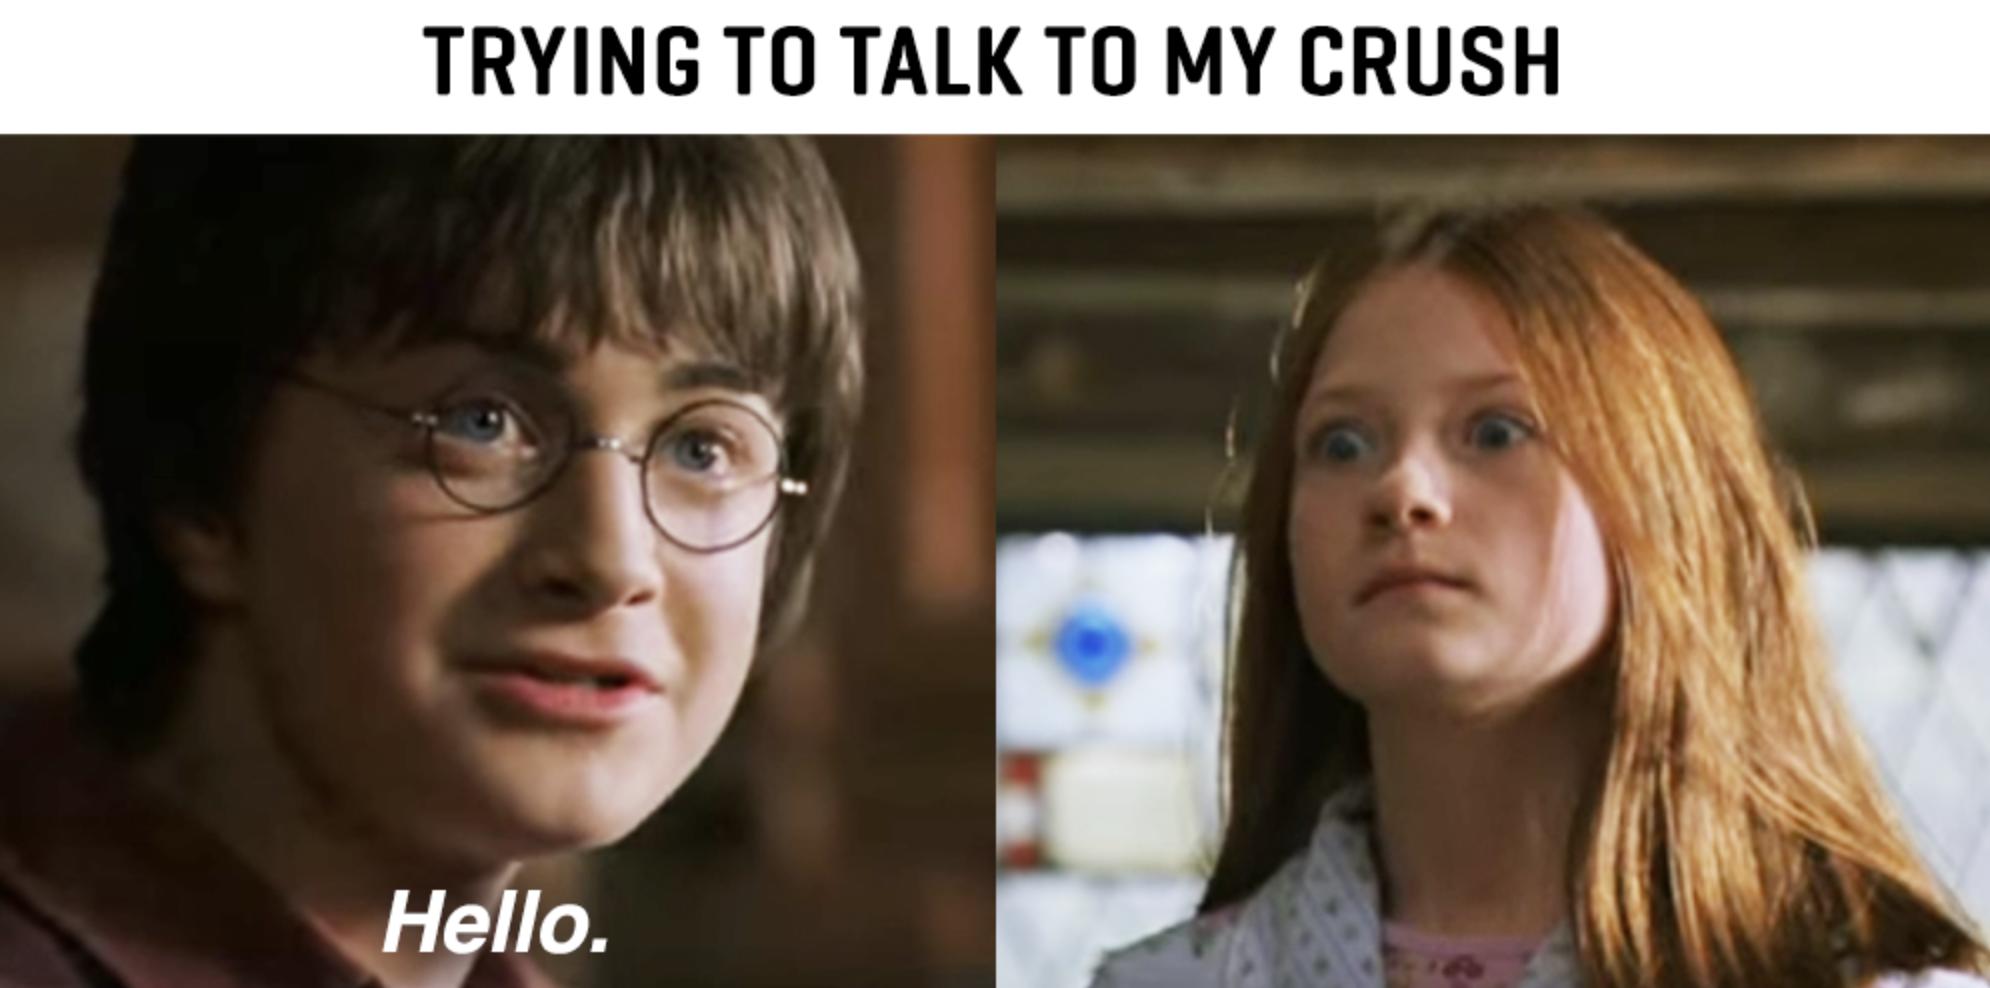 flirting moves that work for men meme jokes for women images